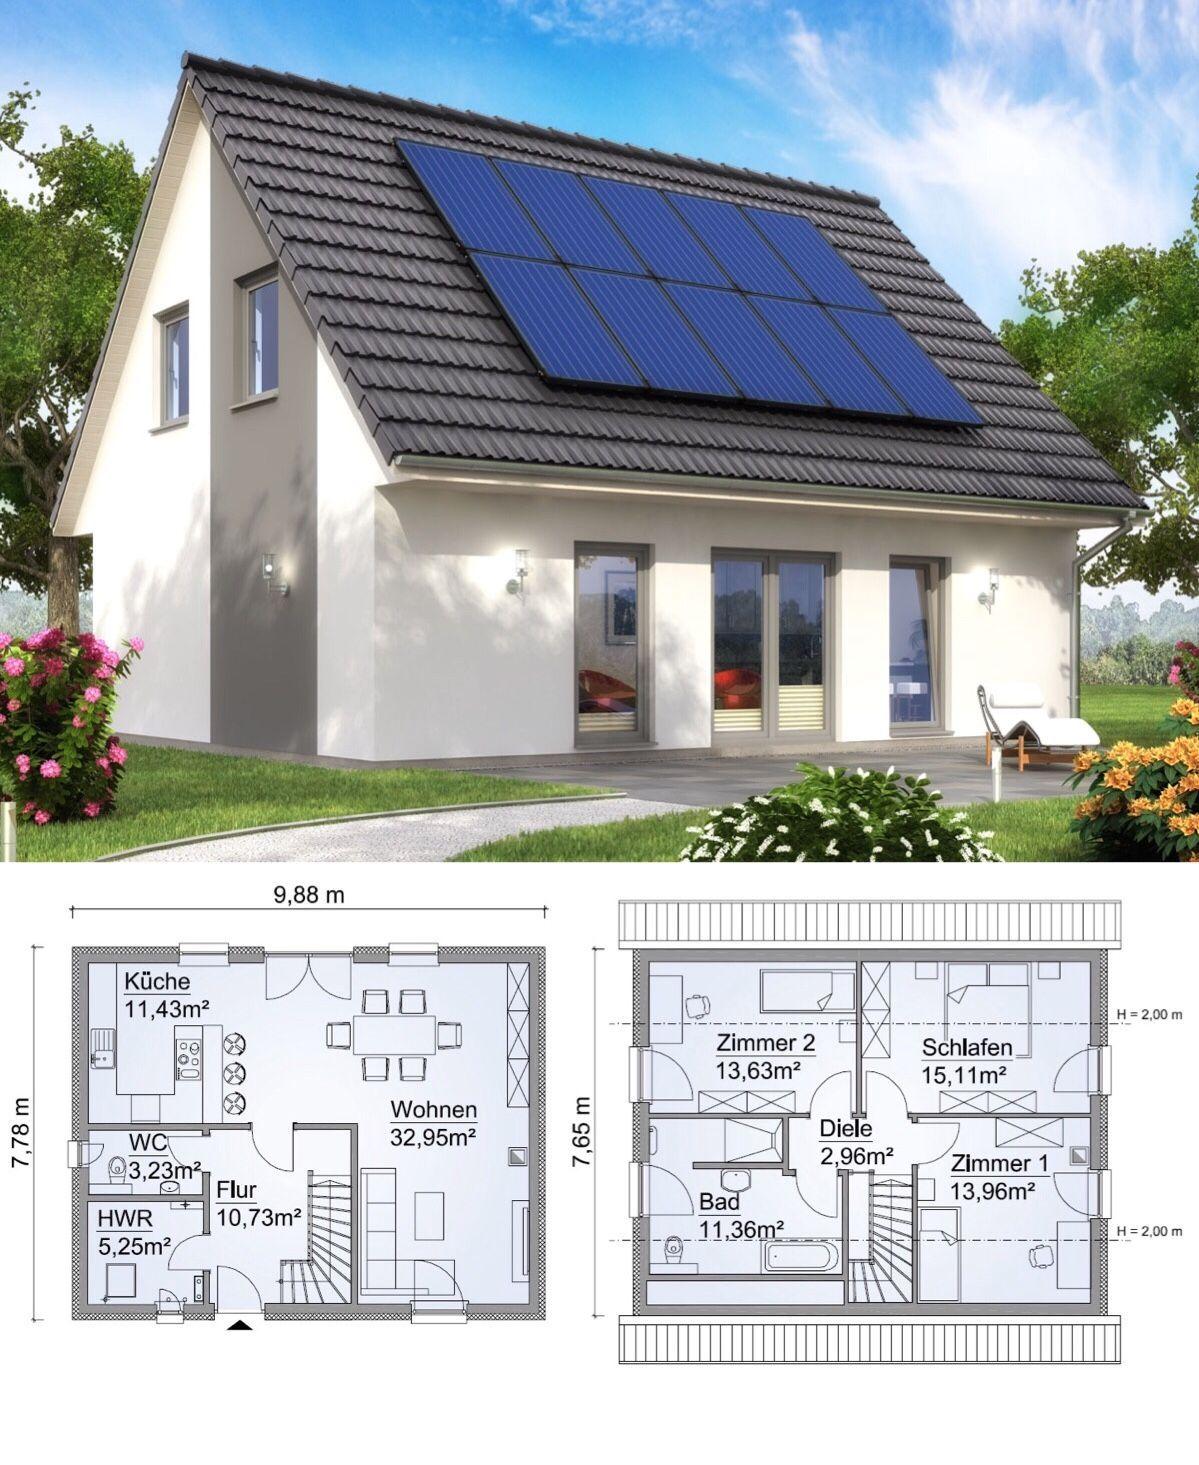 Fertighaus modern mit Satteldach Architektur & 4 Zimmer